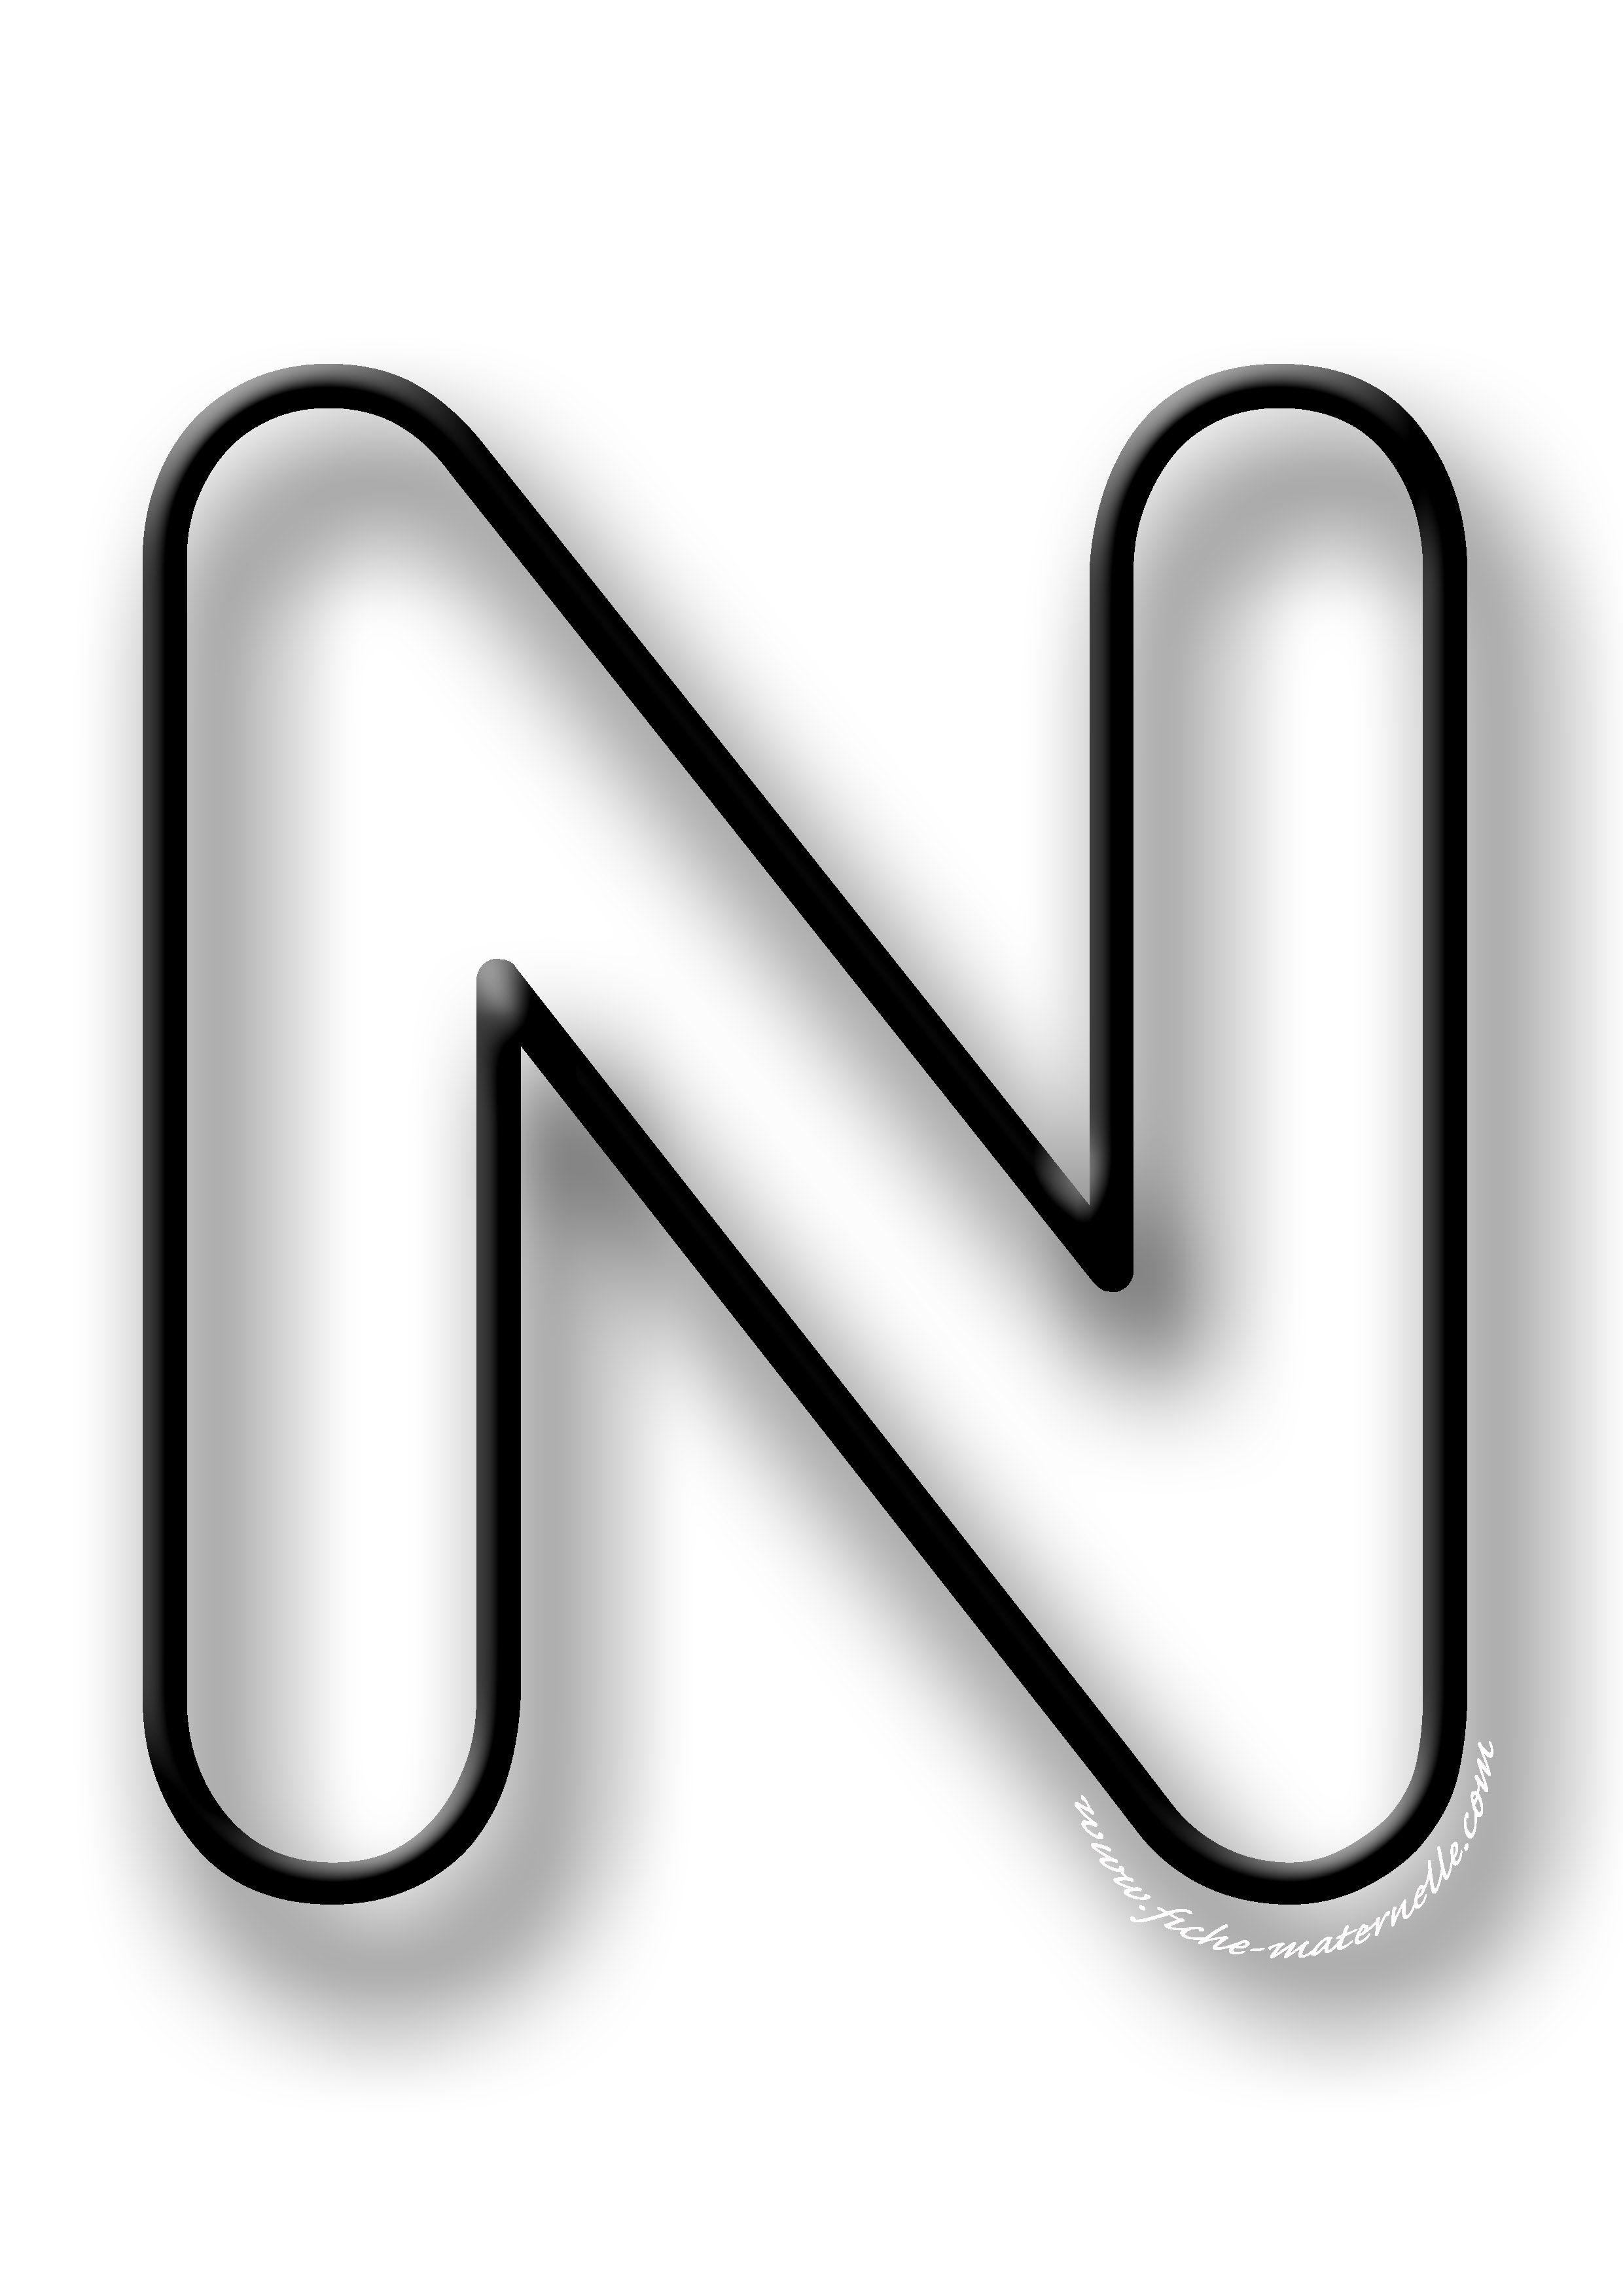 Coloriage De La Lettre N Lettres De L Alphabet Imprimables Lettre A Lettre Alphabet A Imprimer